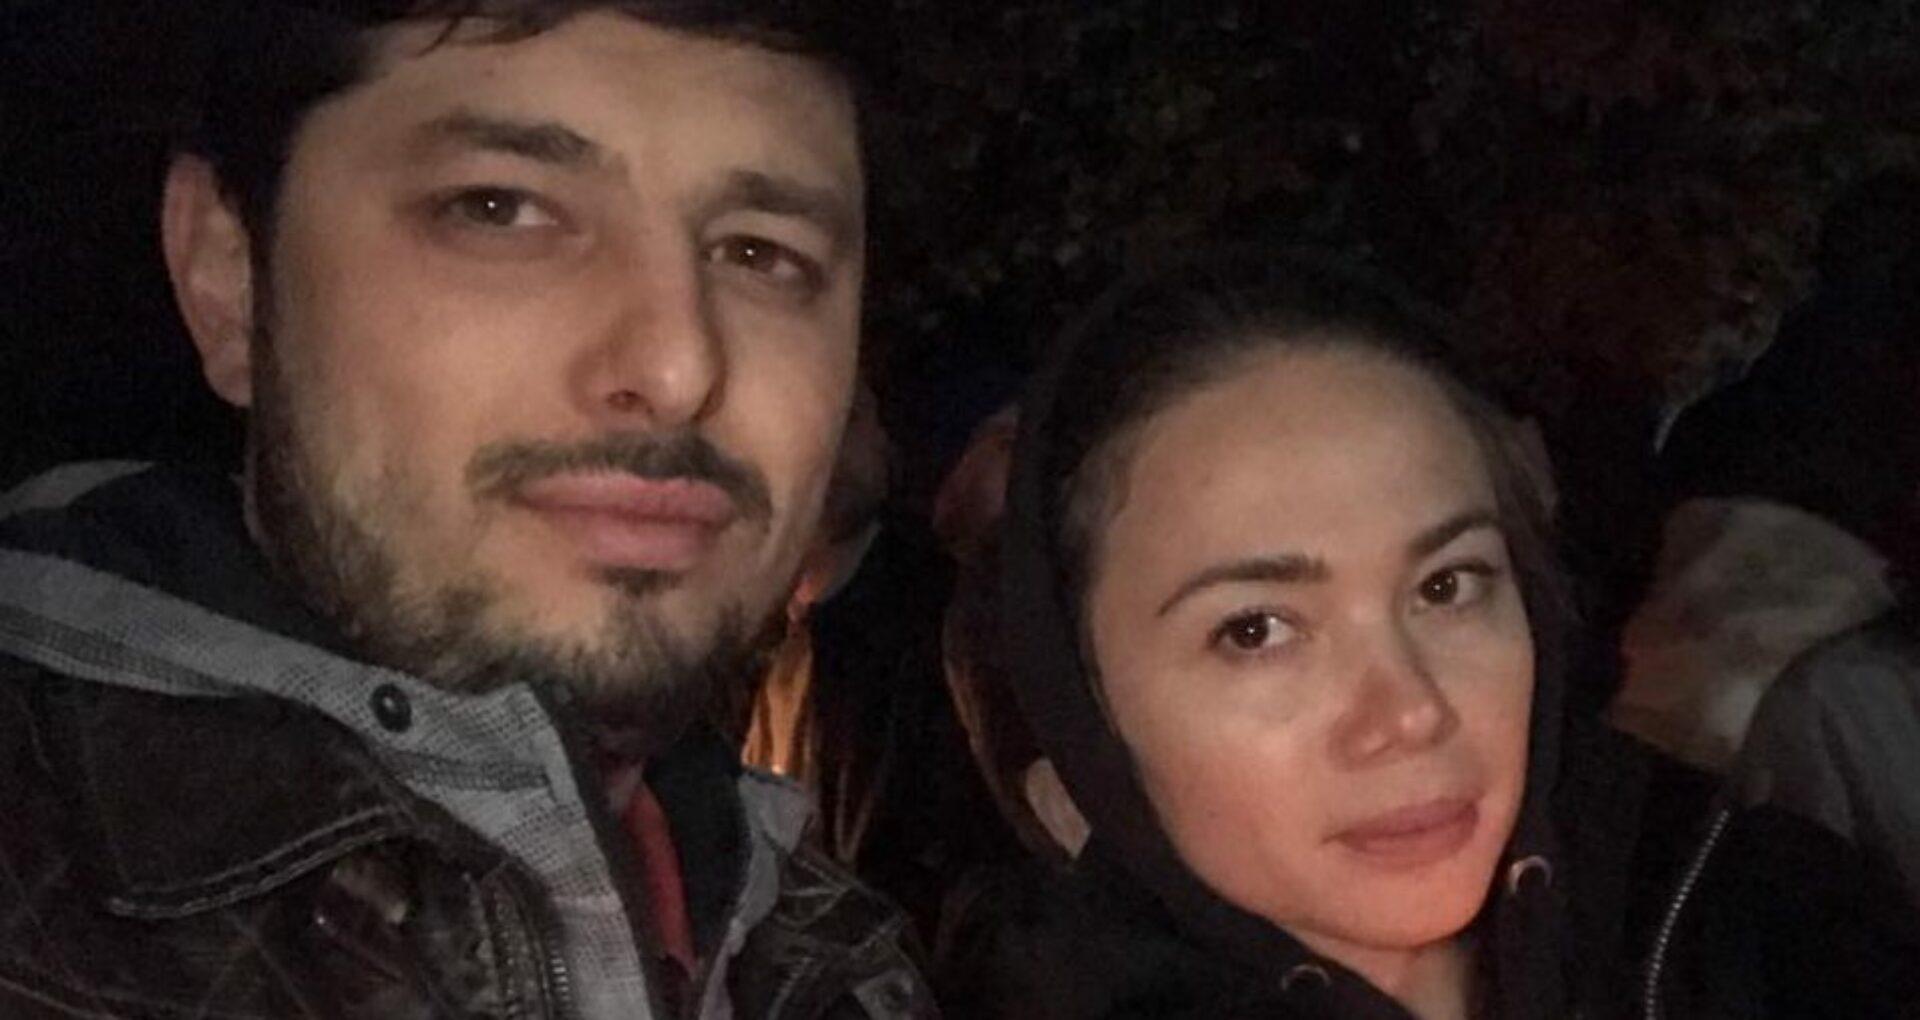 Cine este bărbatul care și-a ucis iubita, apoi a sărit în gol de la etajul 7